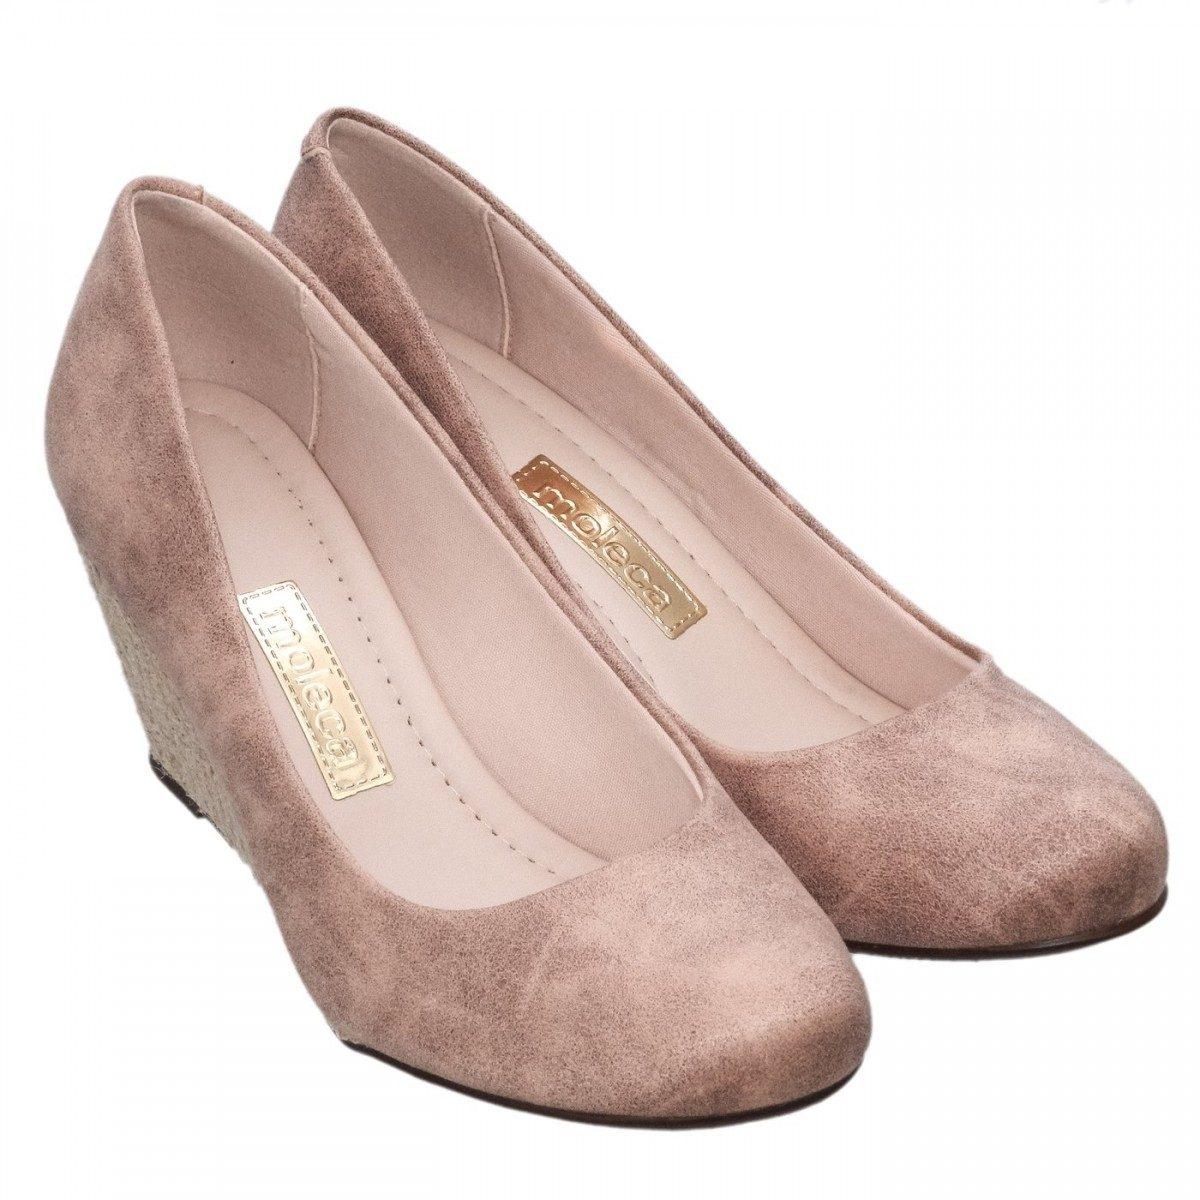 8d5752d038 sapato feminino moleca salto anabela preto camurça original. Carregando zoom .